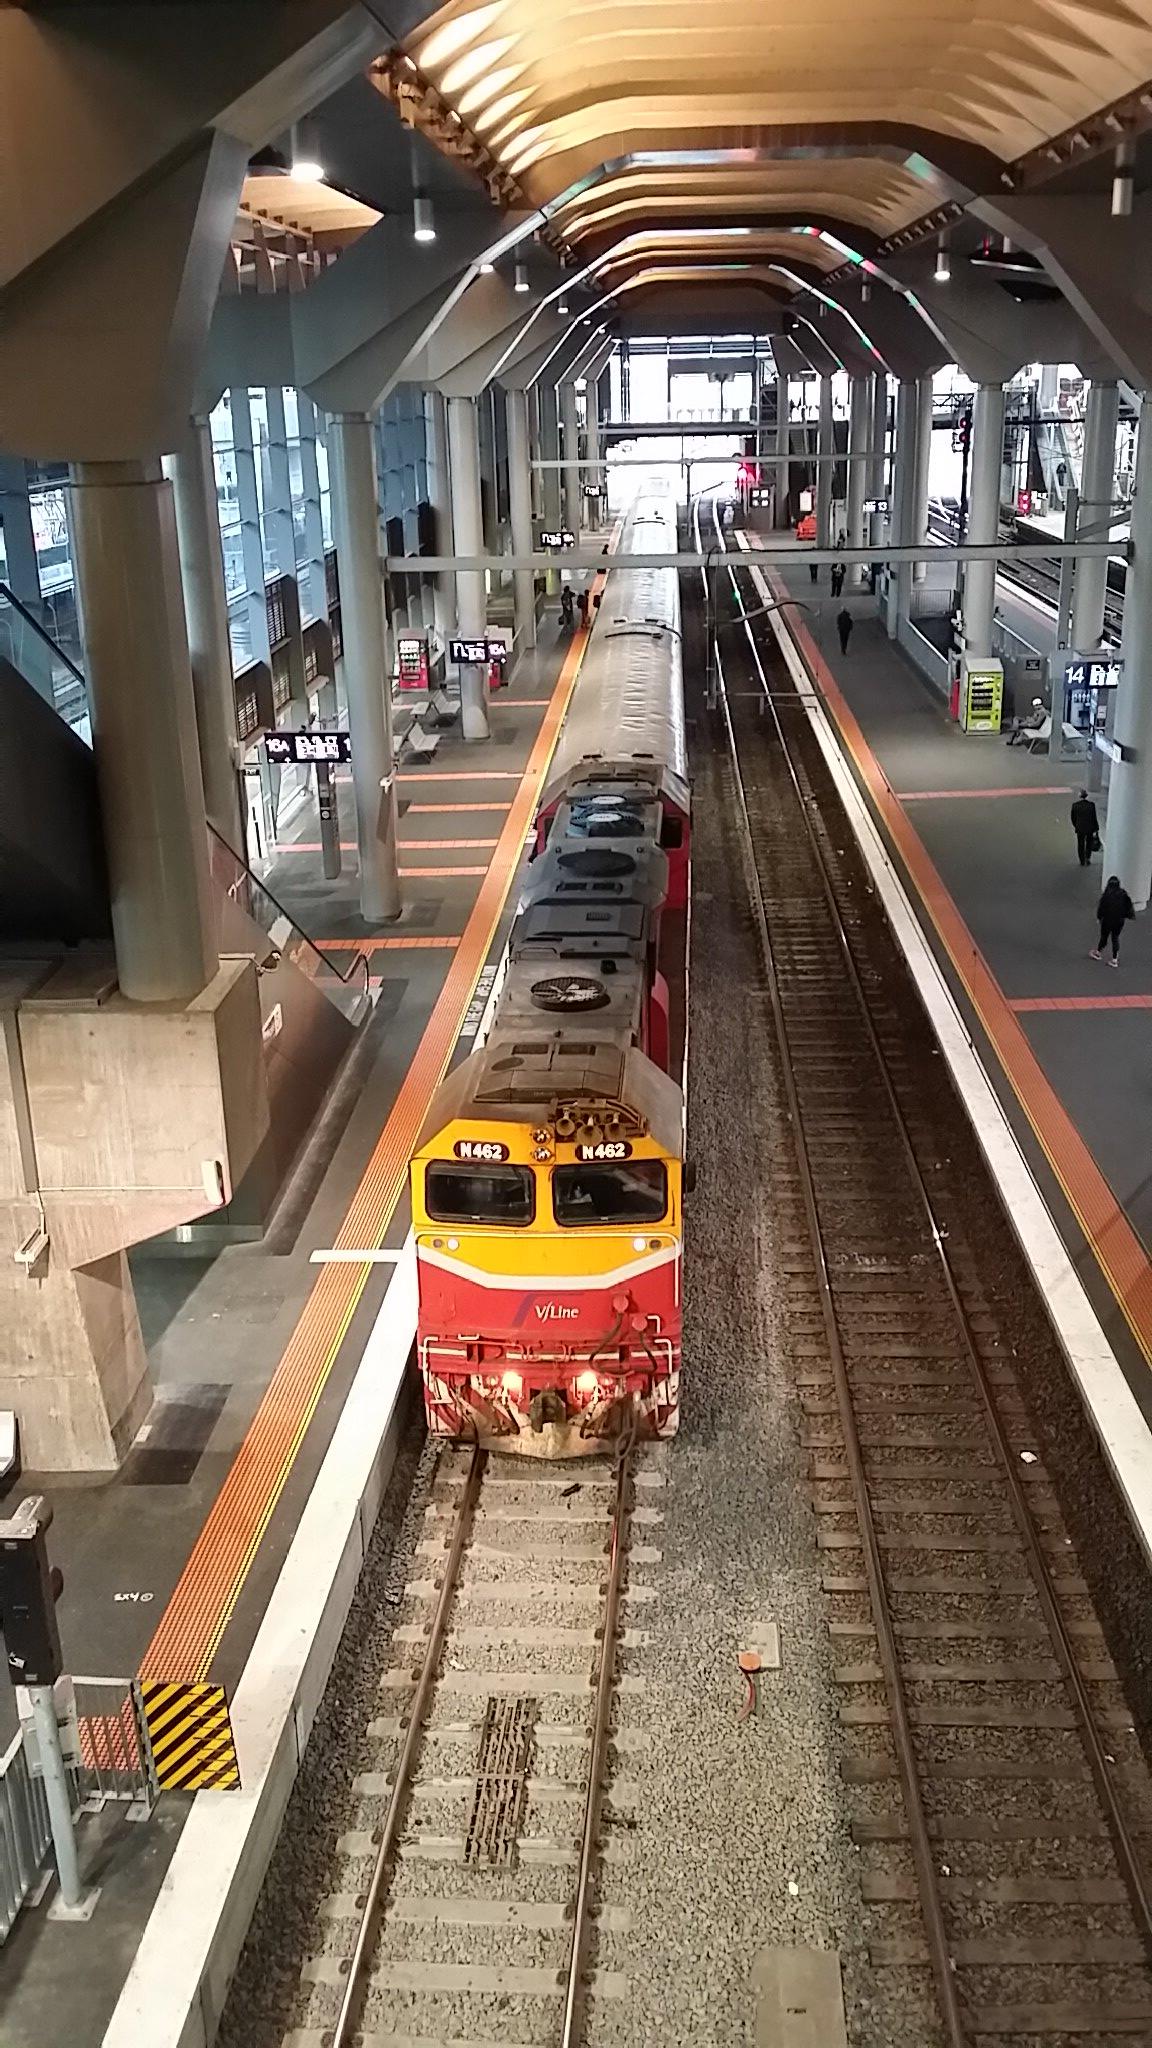 N462 at Southern Cross Station by bluegoldera